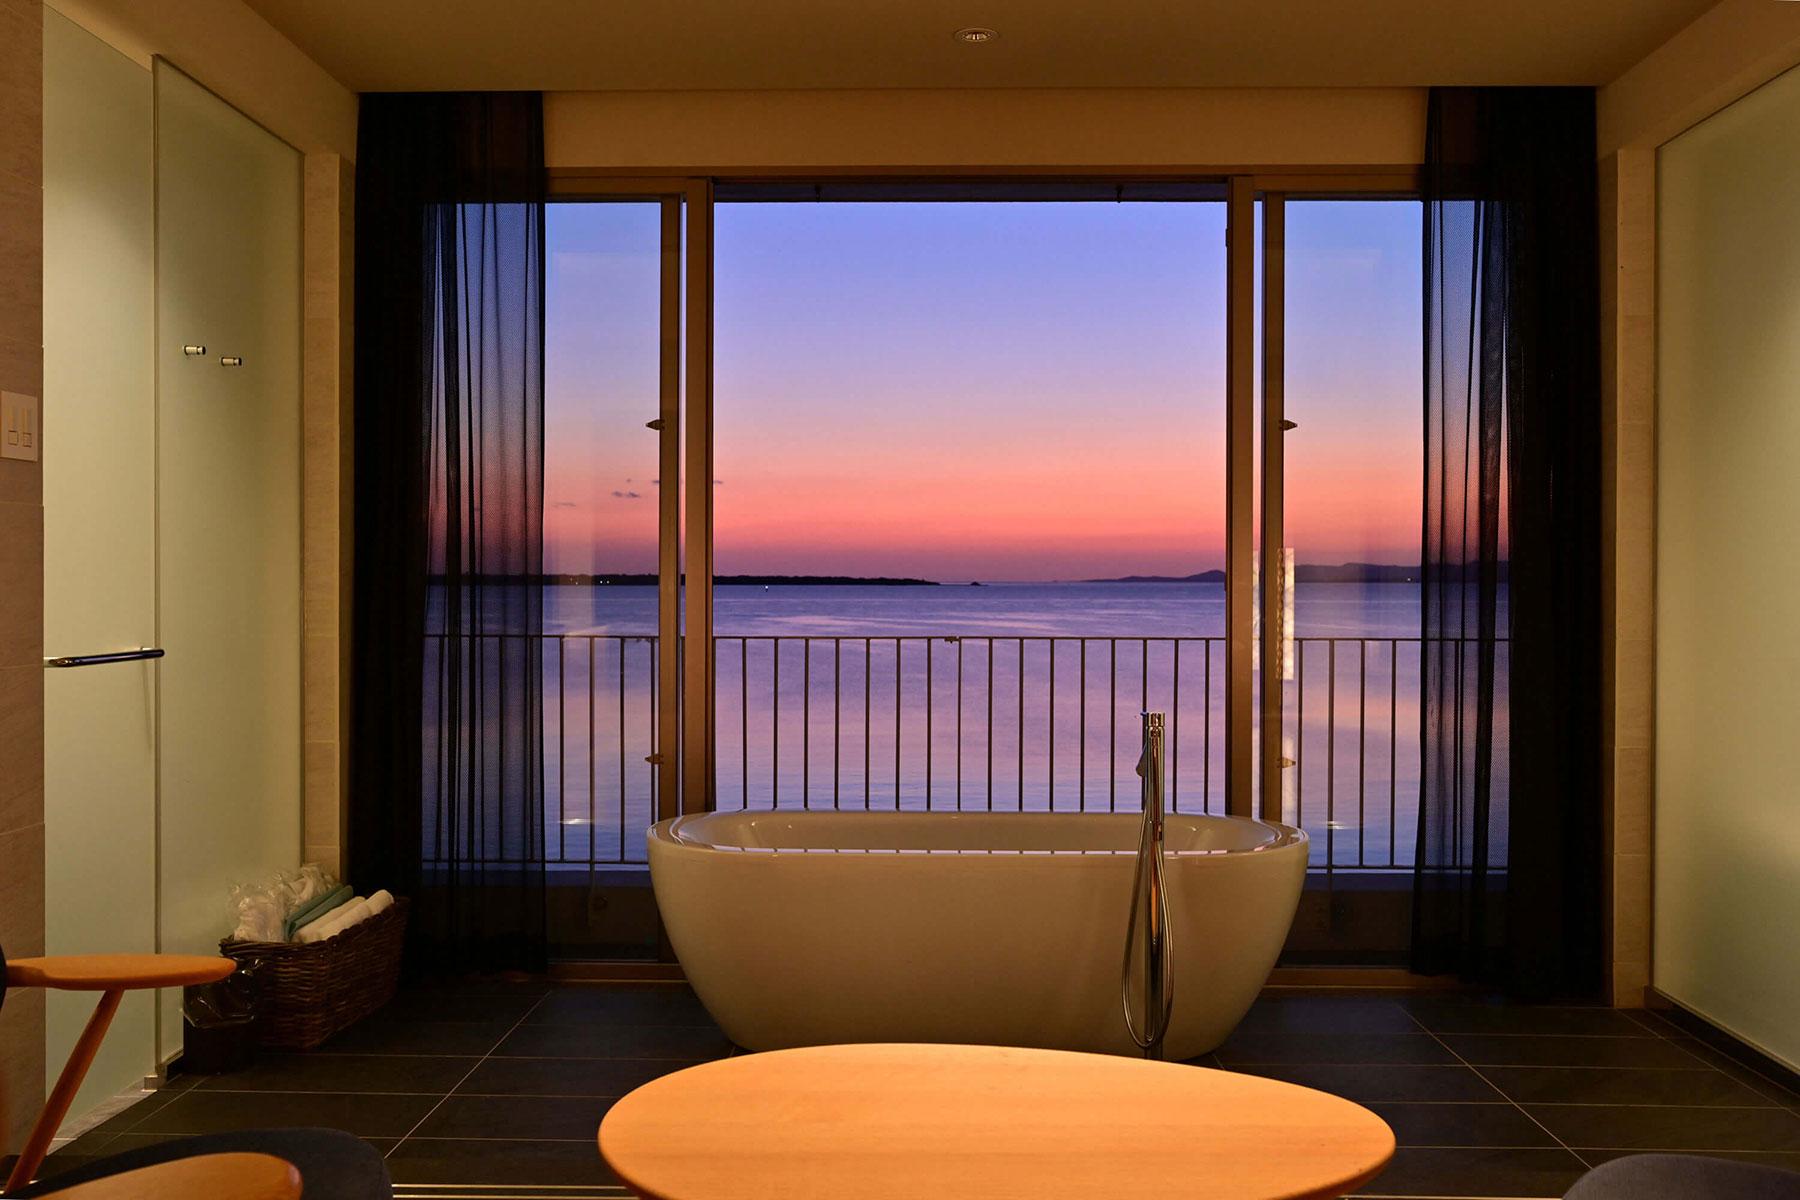 目前に迫る海と空を眺めながら入浴できるバスルームを備えた、新館オーシャンガーデン「浮舟」